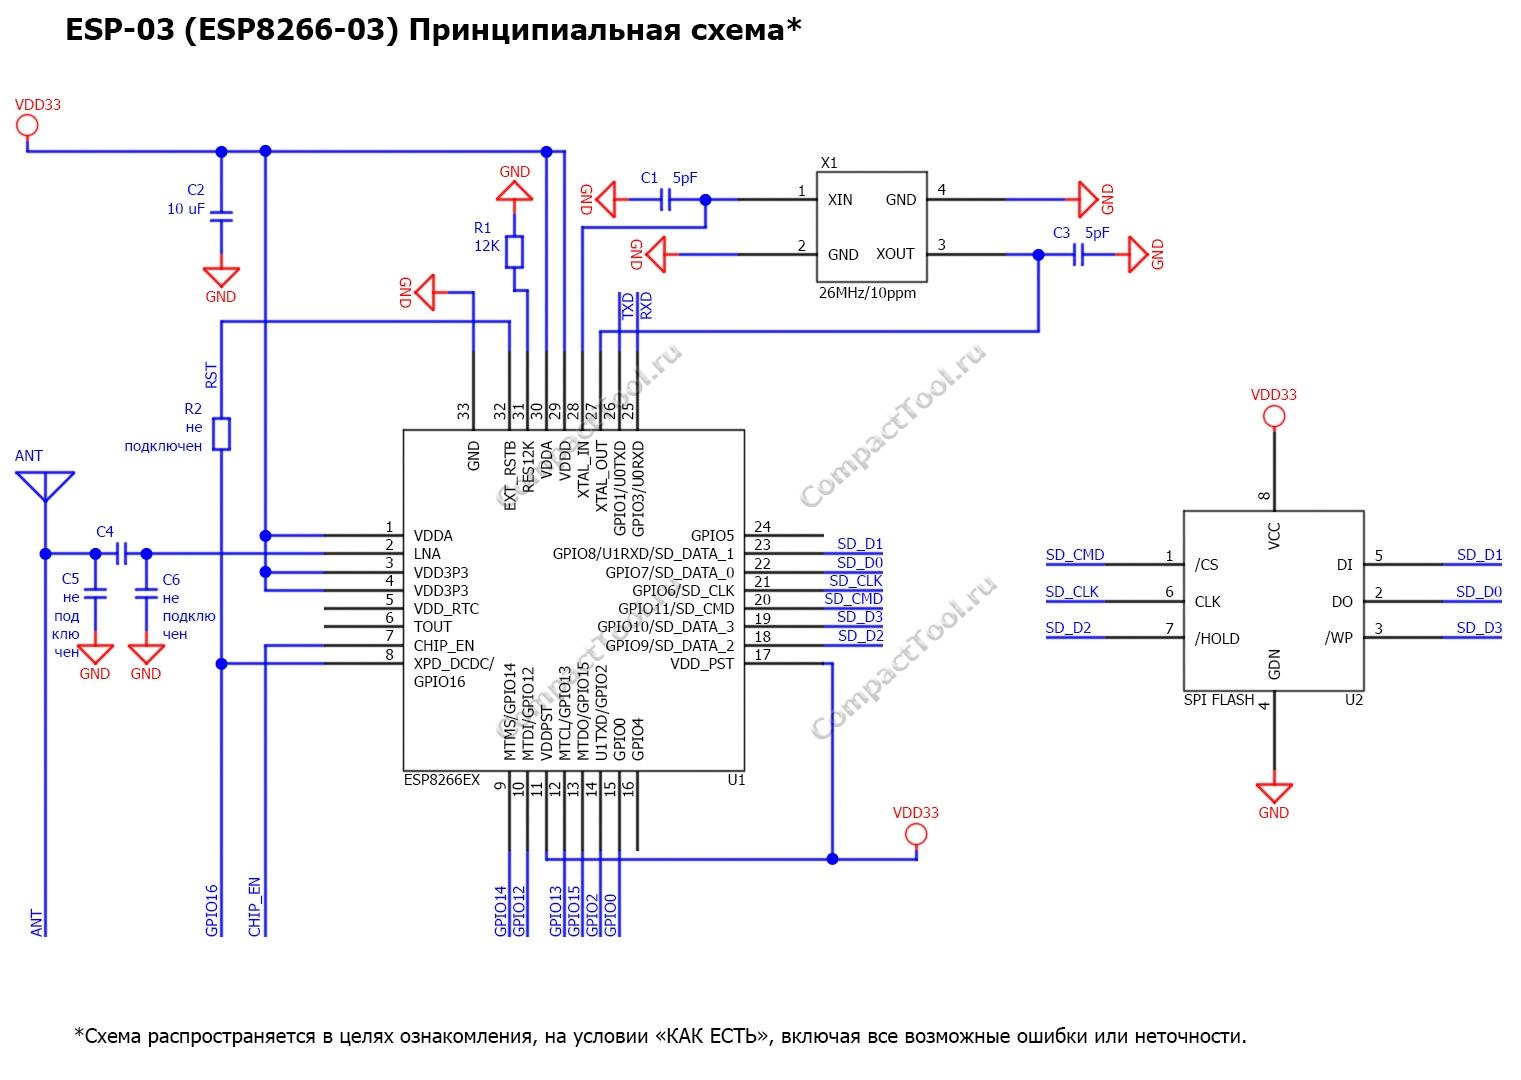 Принципиальная схема ESP-03 Principal scheme